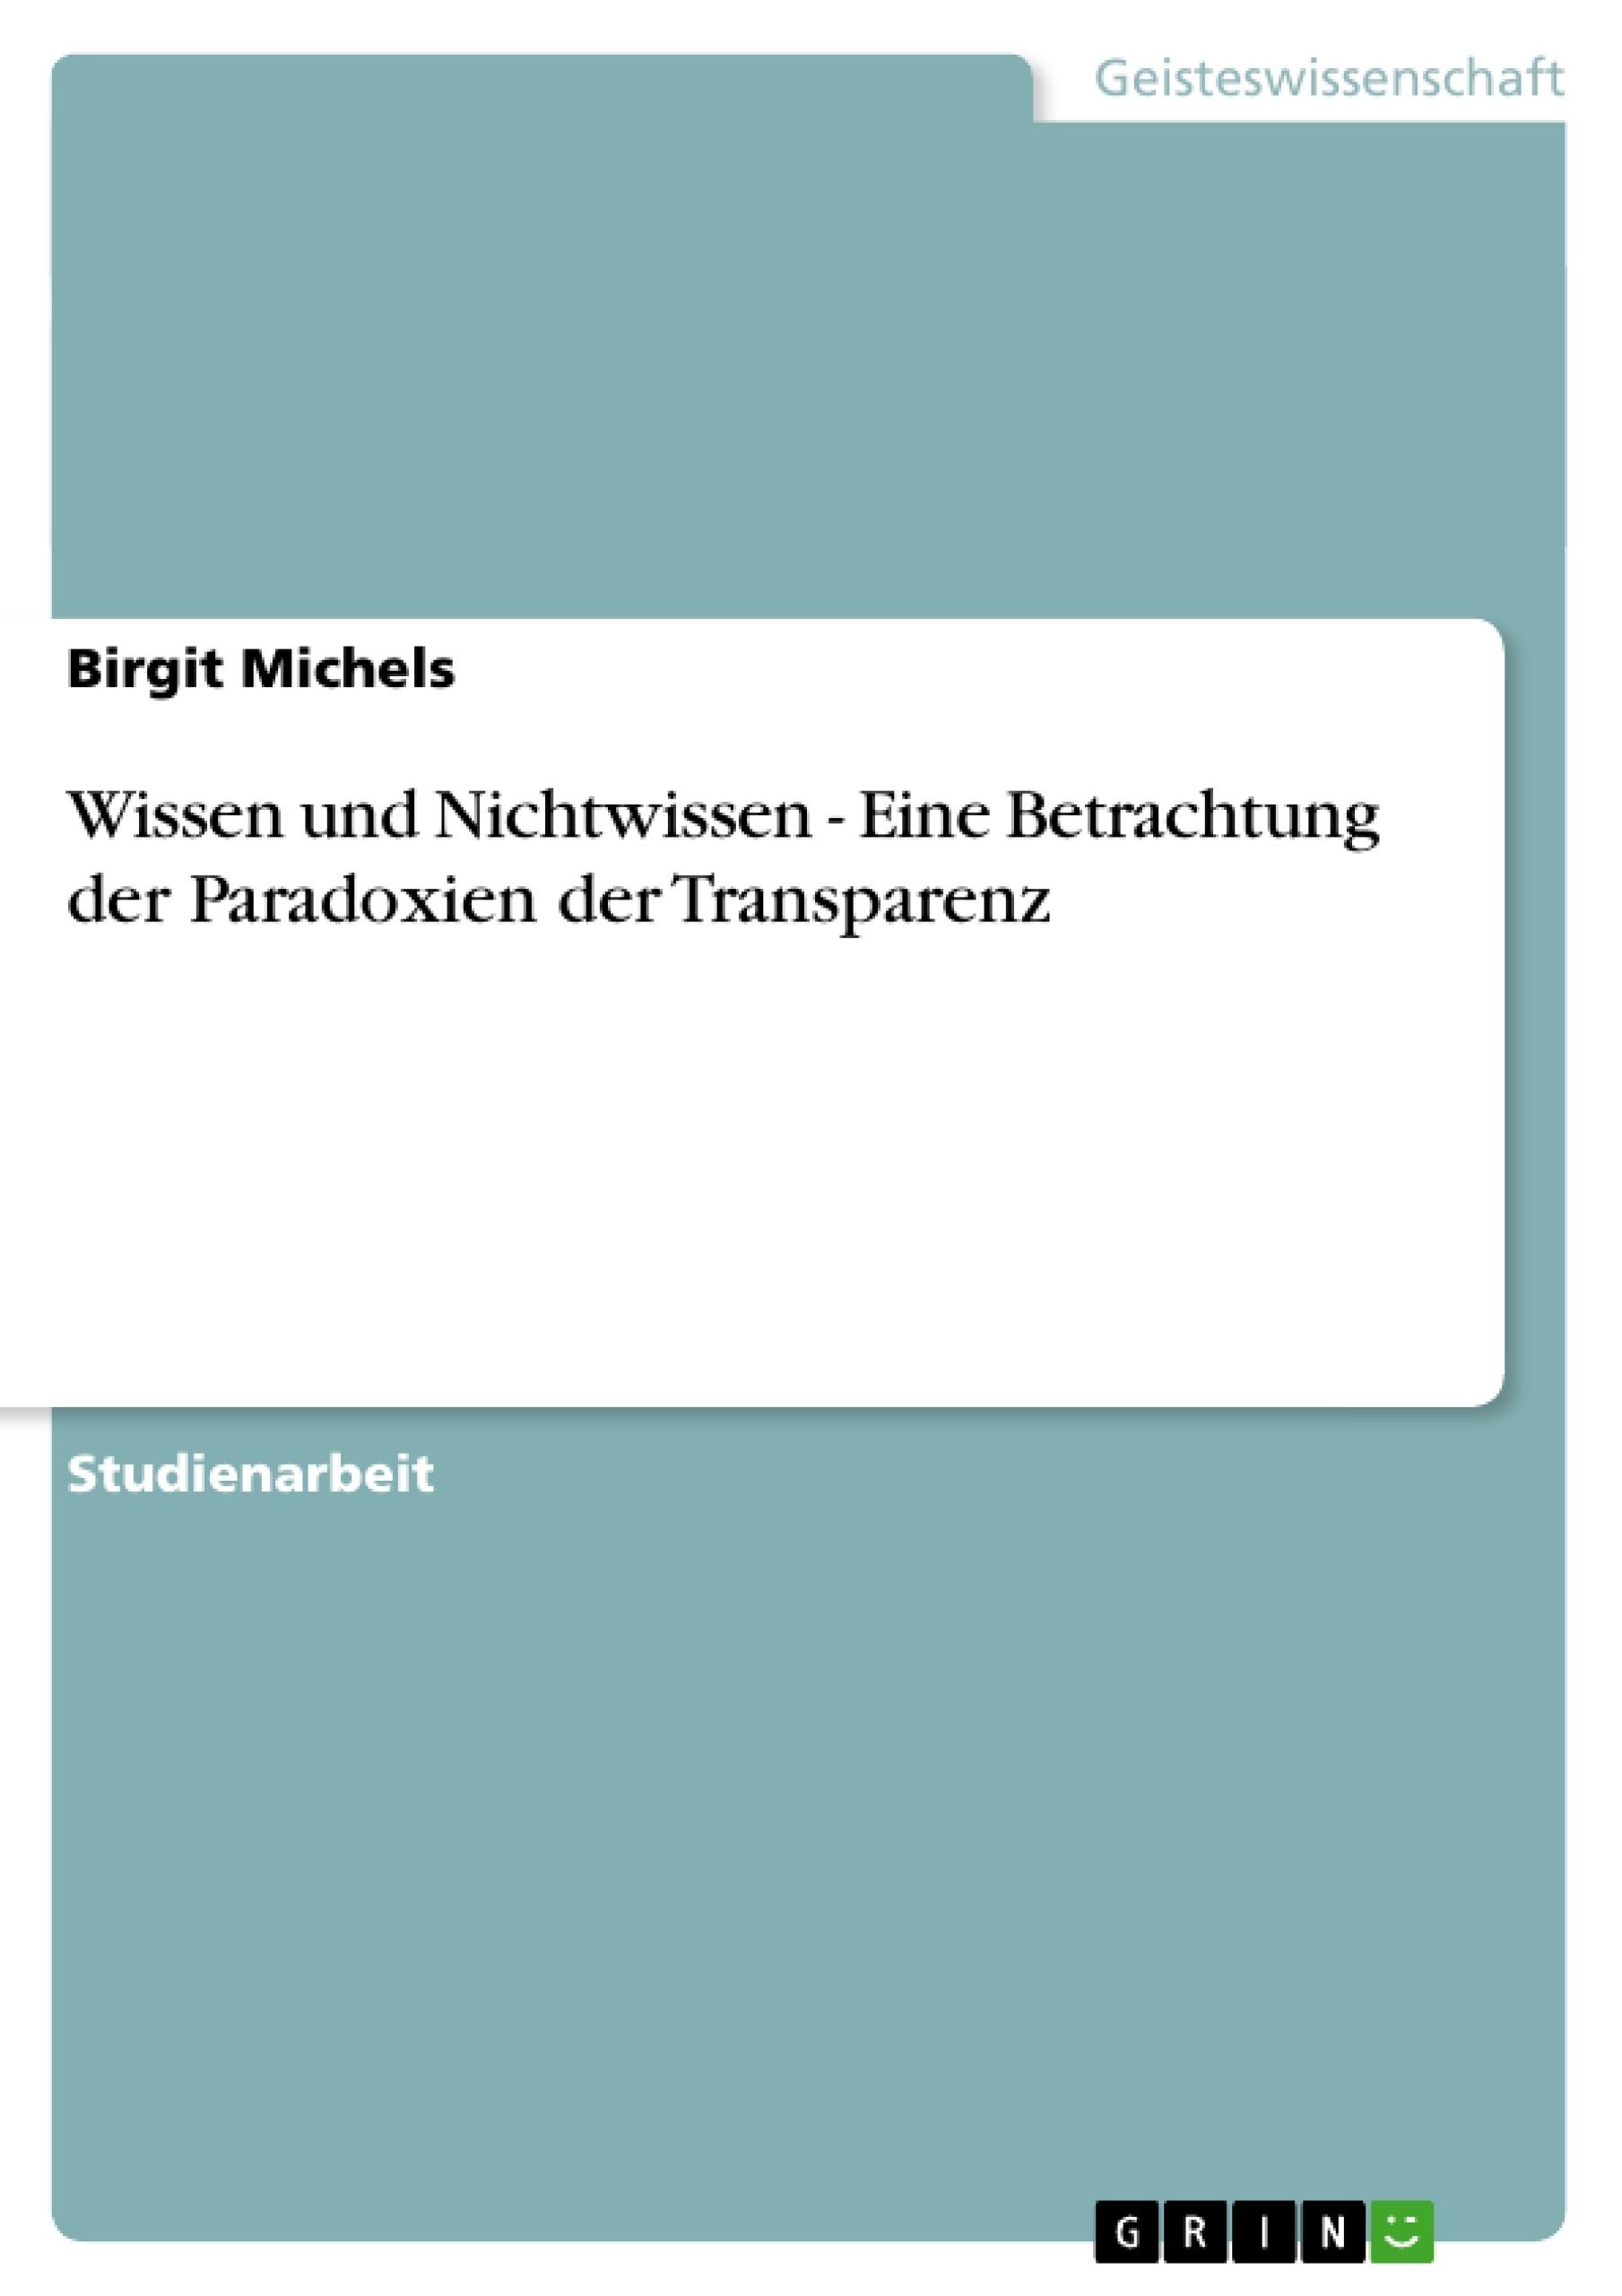 Titel: Wissen und Nichtwissen - Eine Betrachtung der Paradoxien der Transparenz